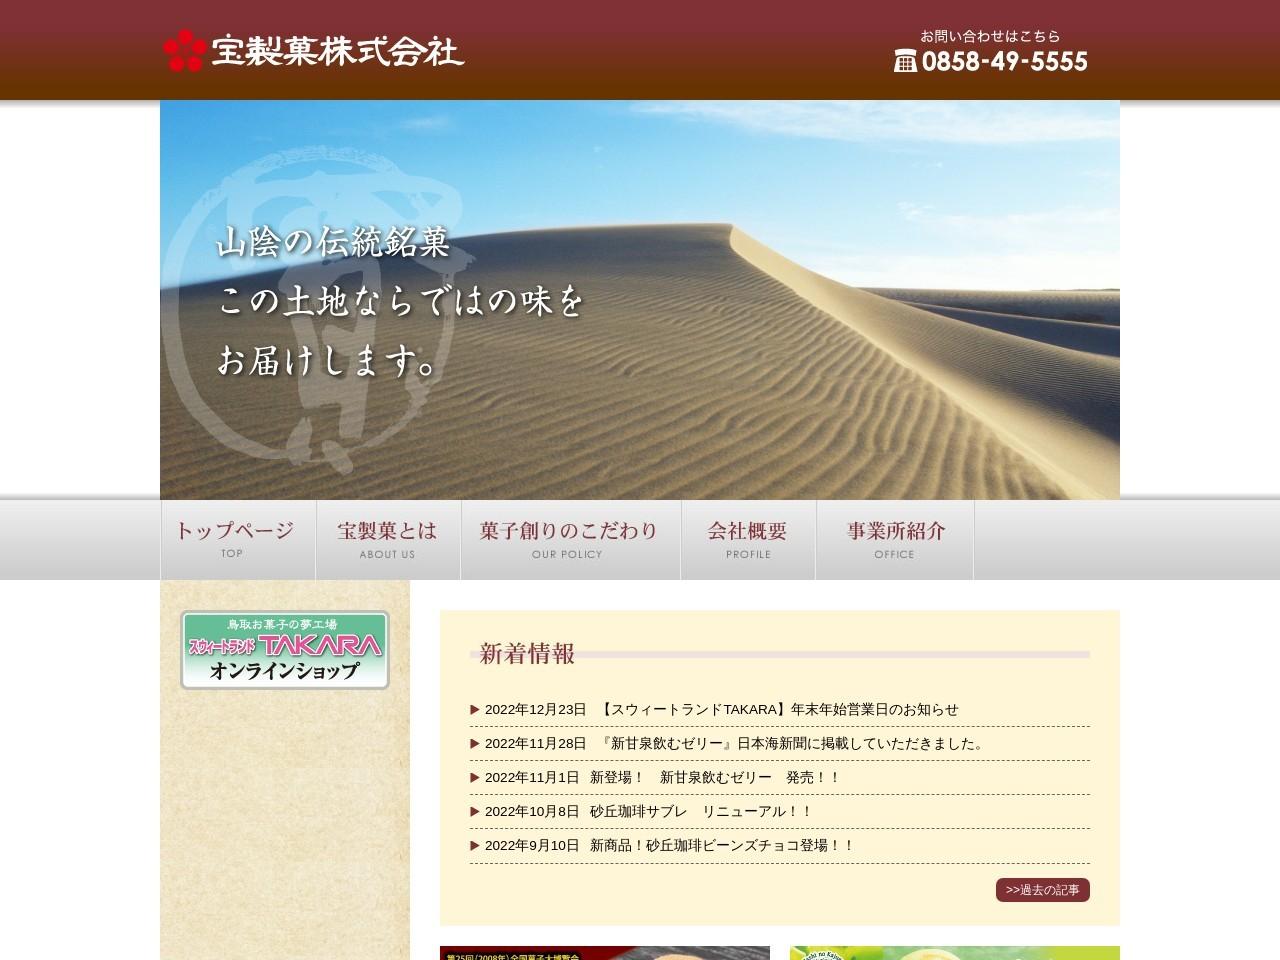 宝製菓株式会社 | 山陰の伝統銘菓